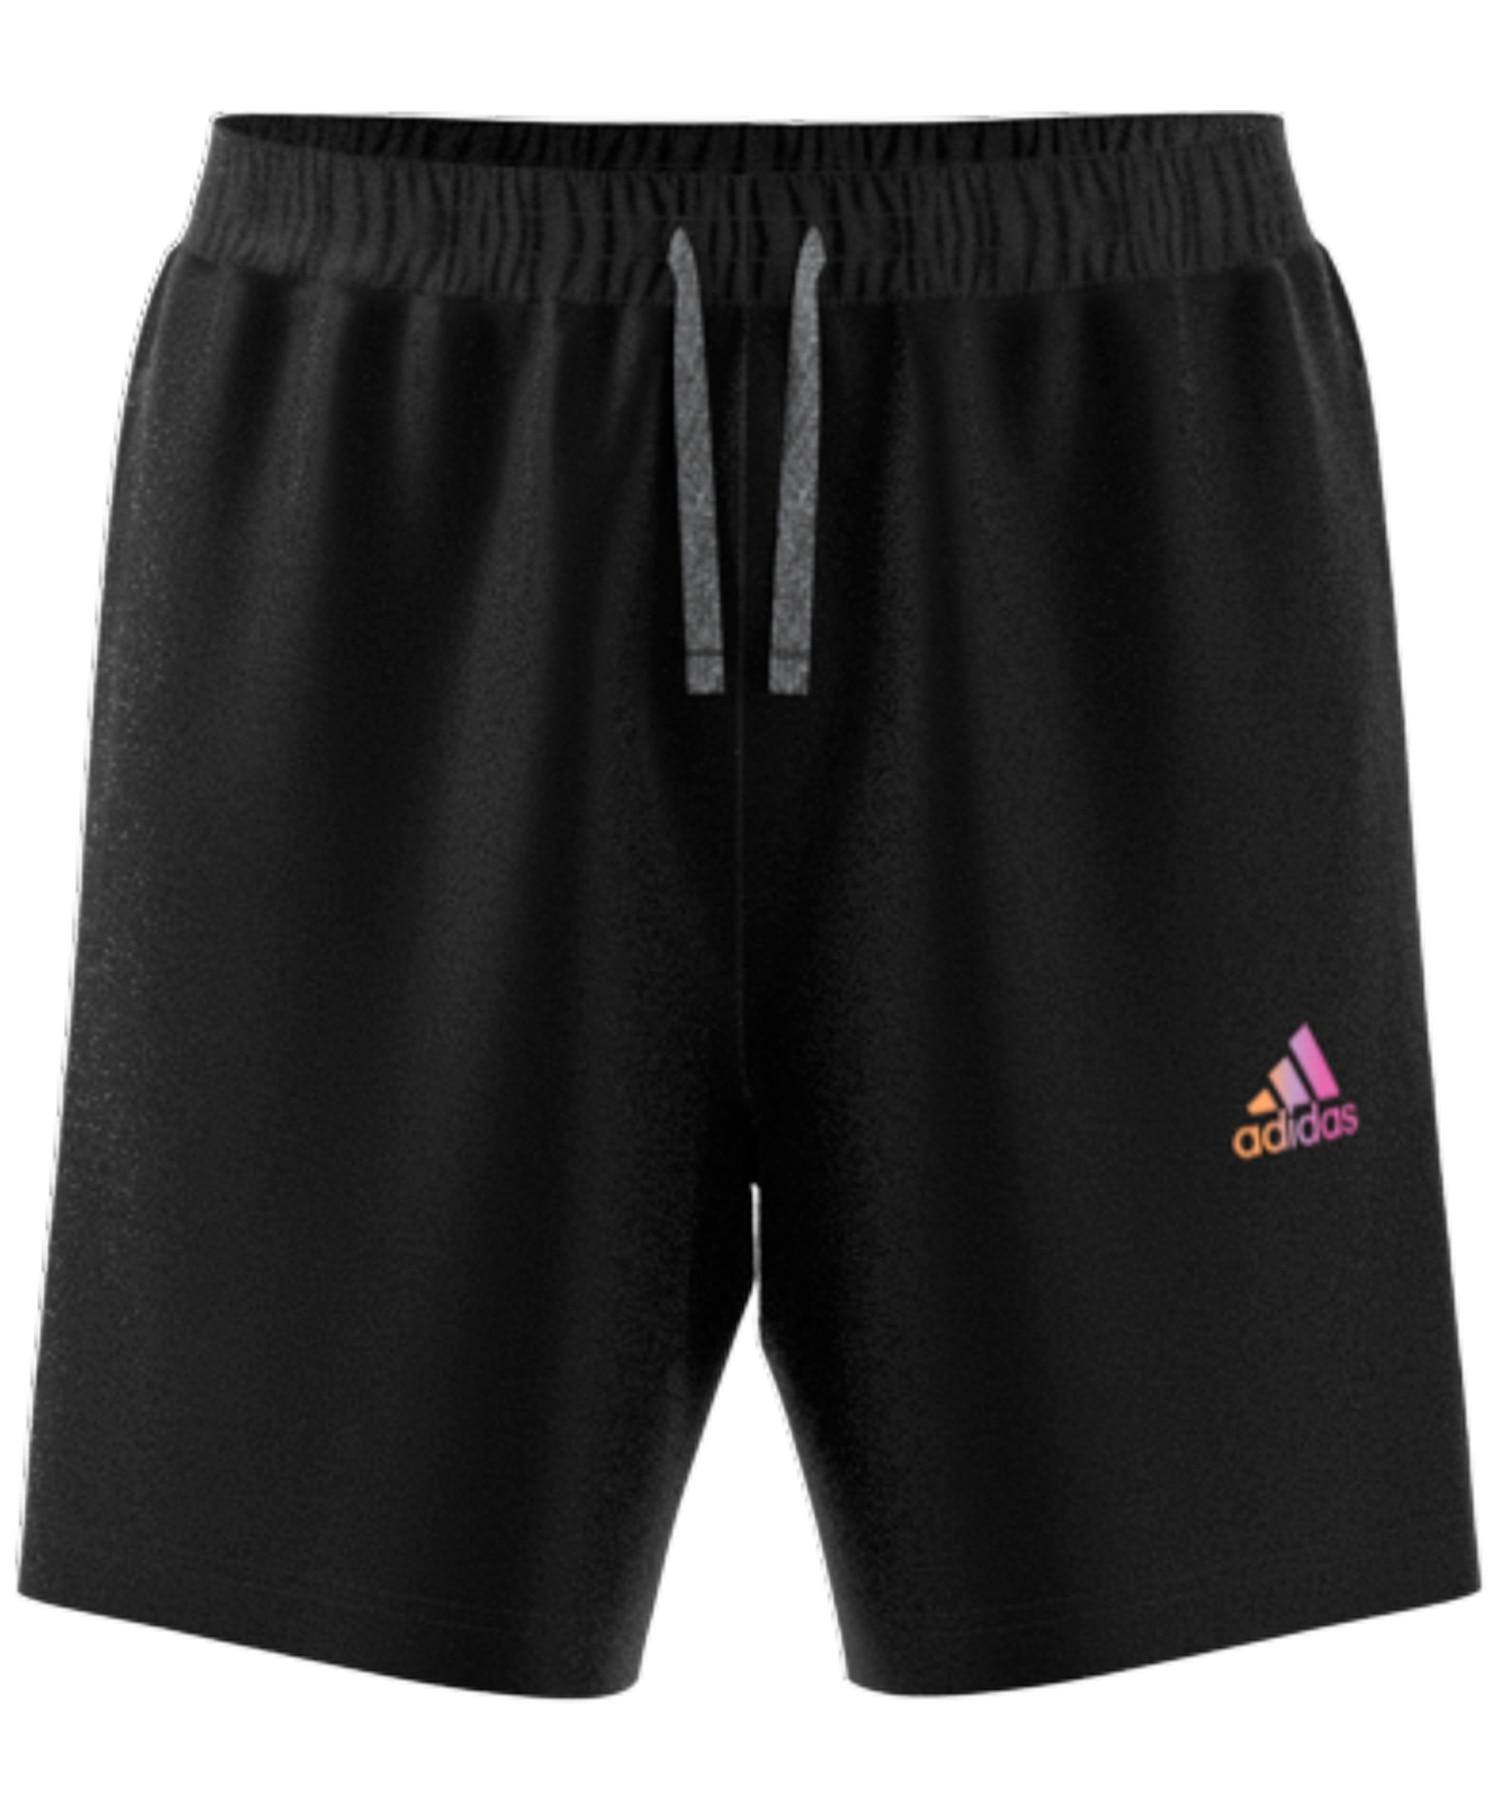 Adidas favs shorts